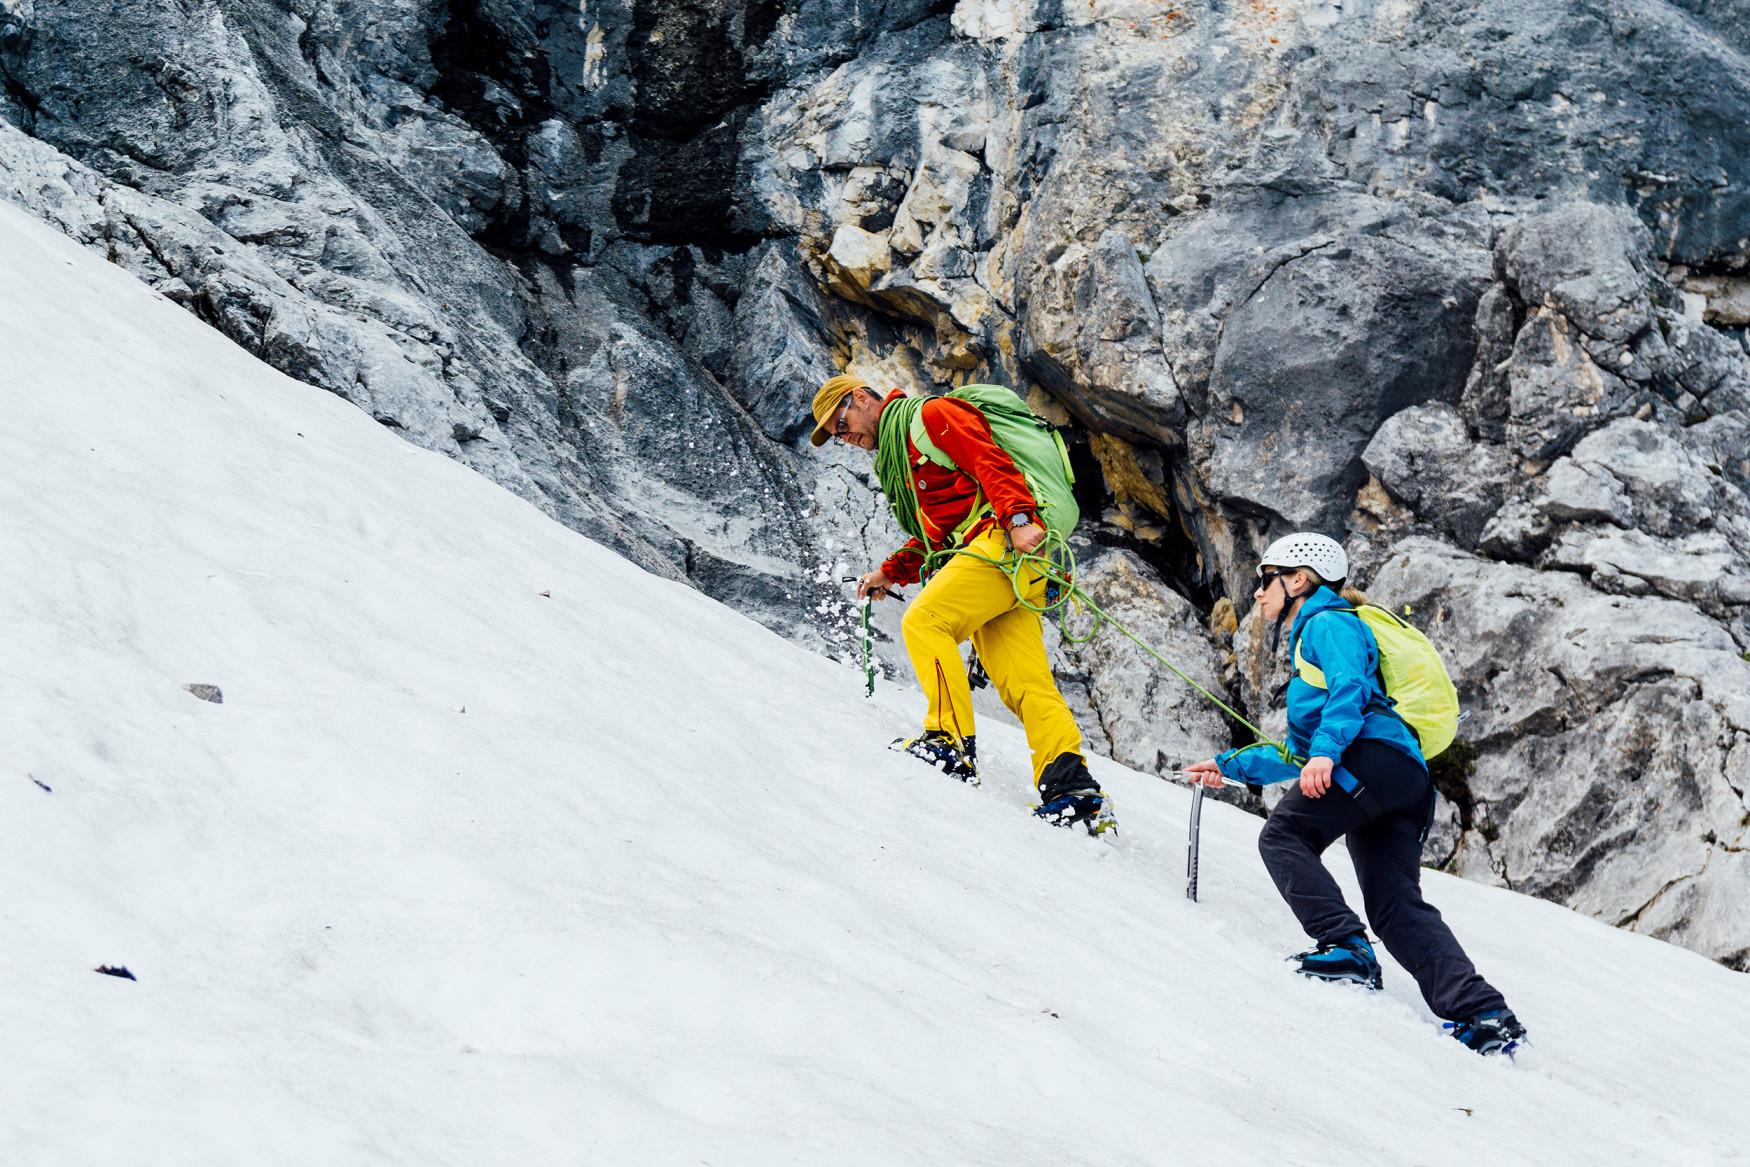 Der letzte Schritt zum Gipfel und den atemberaubenden Ausblick genießen - mit dem CEVADALE EVO GTX Ws sind Abenteuerinnen bestens für die nächste Tour gerüstet. Der alpine Alleskönner ist perfekt geeignet, wenn es zu leichten Hochtouren, alpinen Kletterein oder anspruchsvollen Klettersteigen geht. Aber auch seine inneren Werte zählen ganz besonders: Der sportliche Schuh bringt eine Kombination aus besten Materialien, optimaler Passform und höchstem Komfort mit.